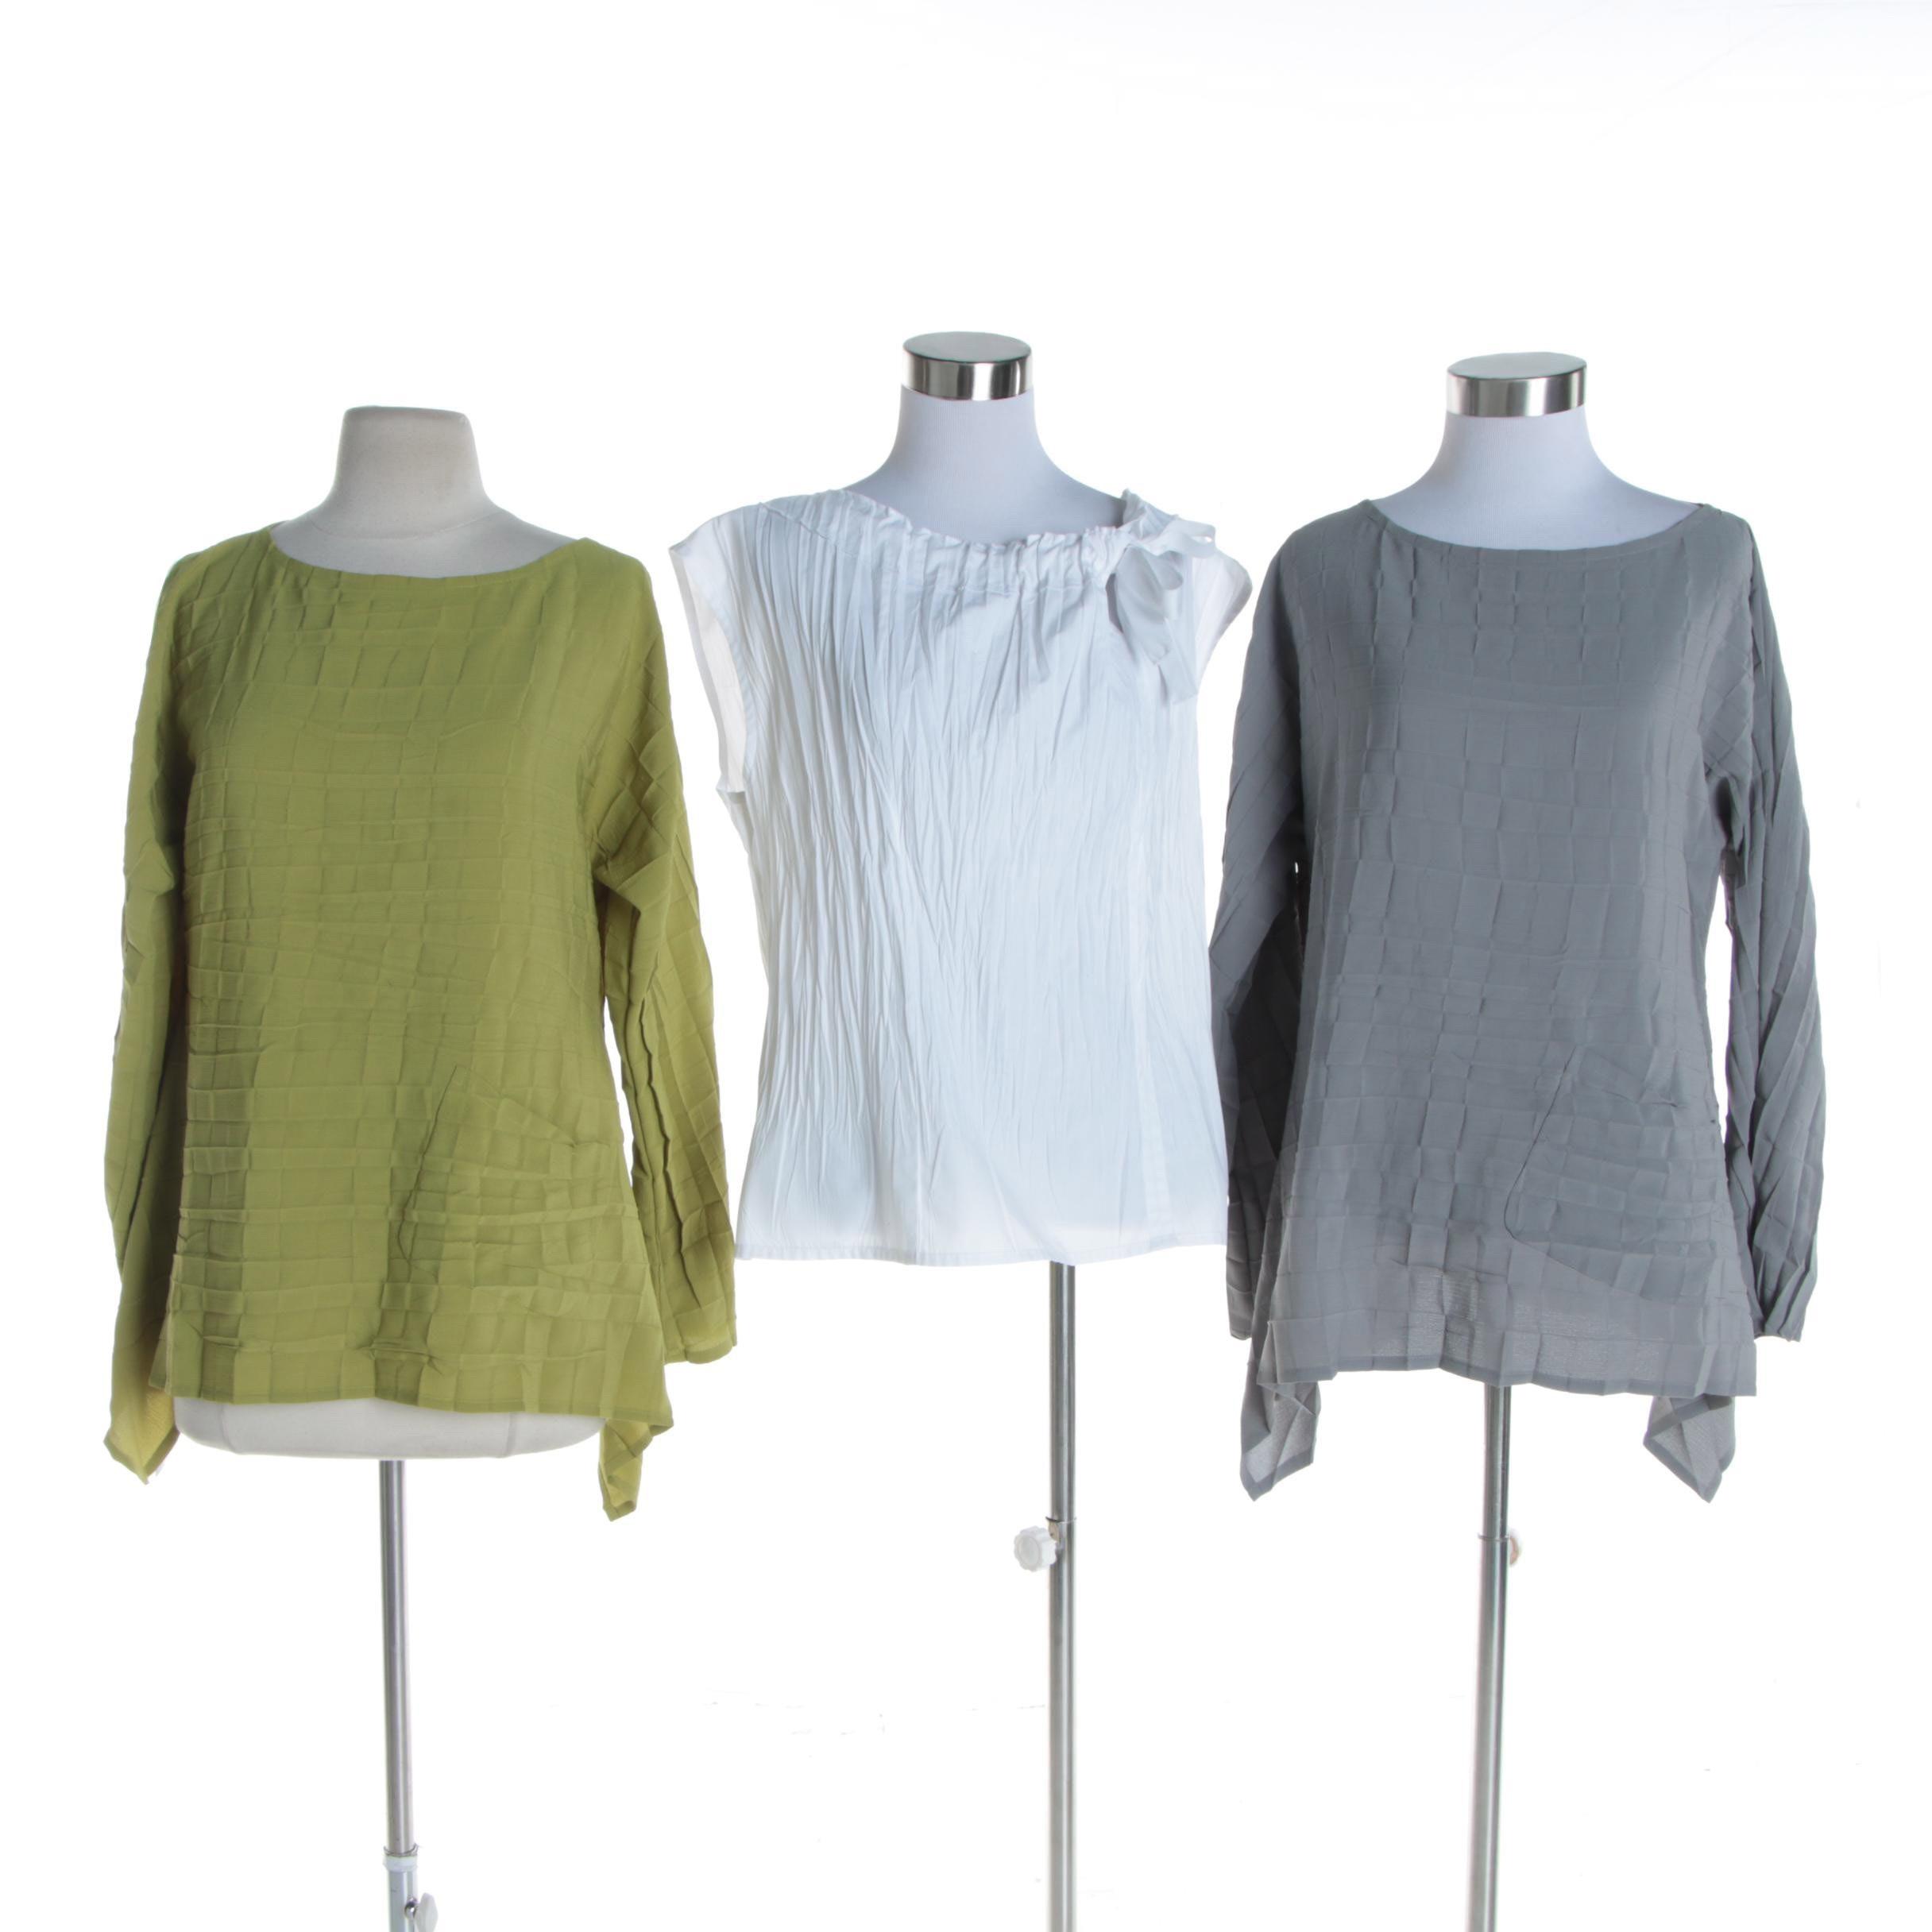 Women's Babette Sleeveless and Long Sleeve Crinkle Tops